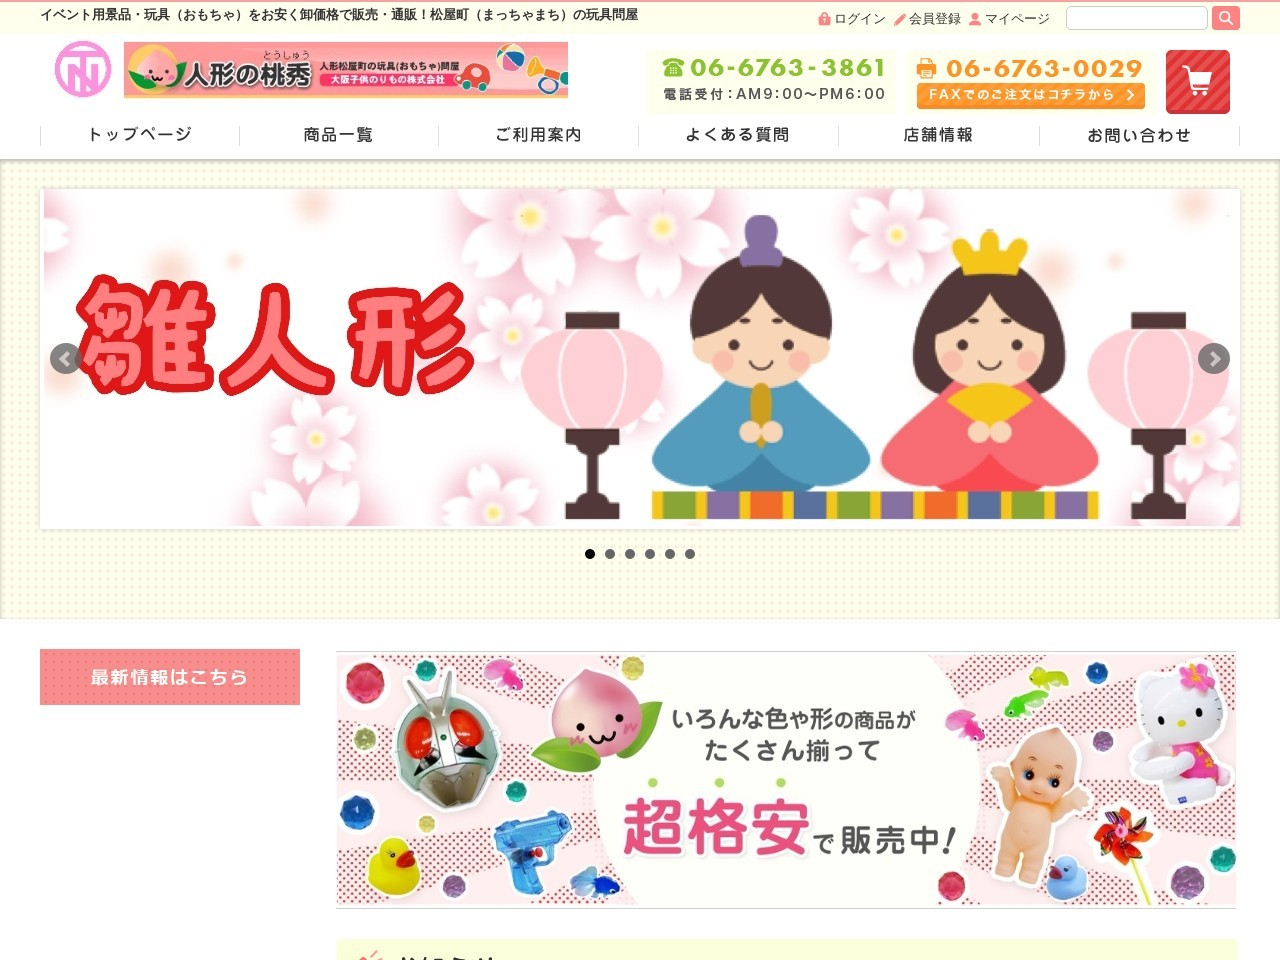 イベント用景品を卸価格で販売 松屋町の玩具問屋『人形の桃秀』